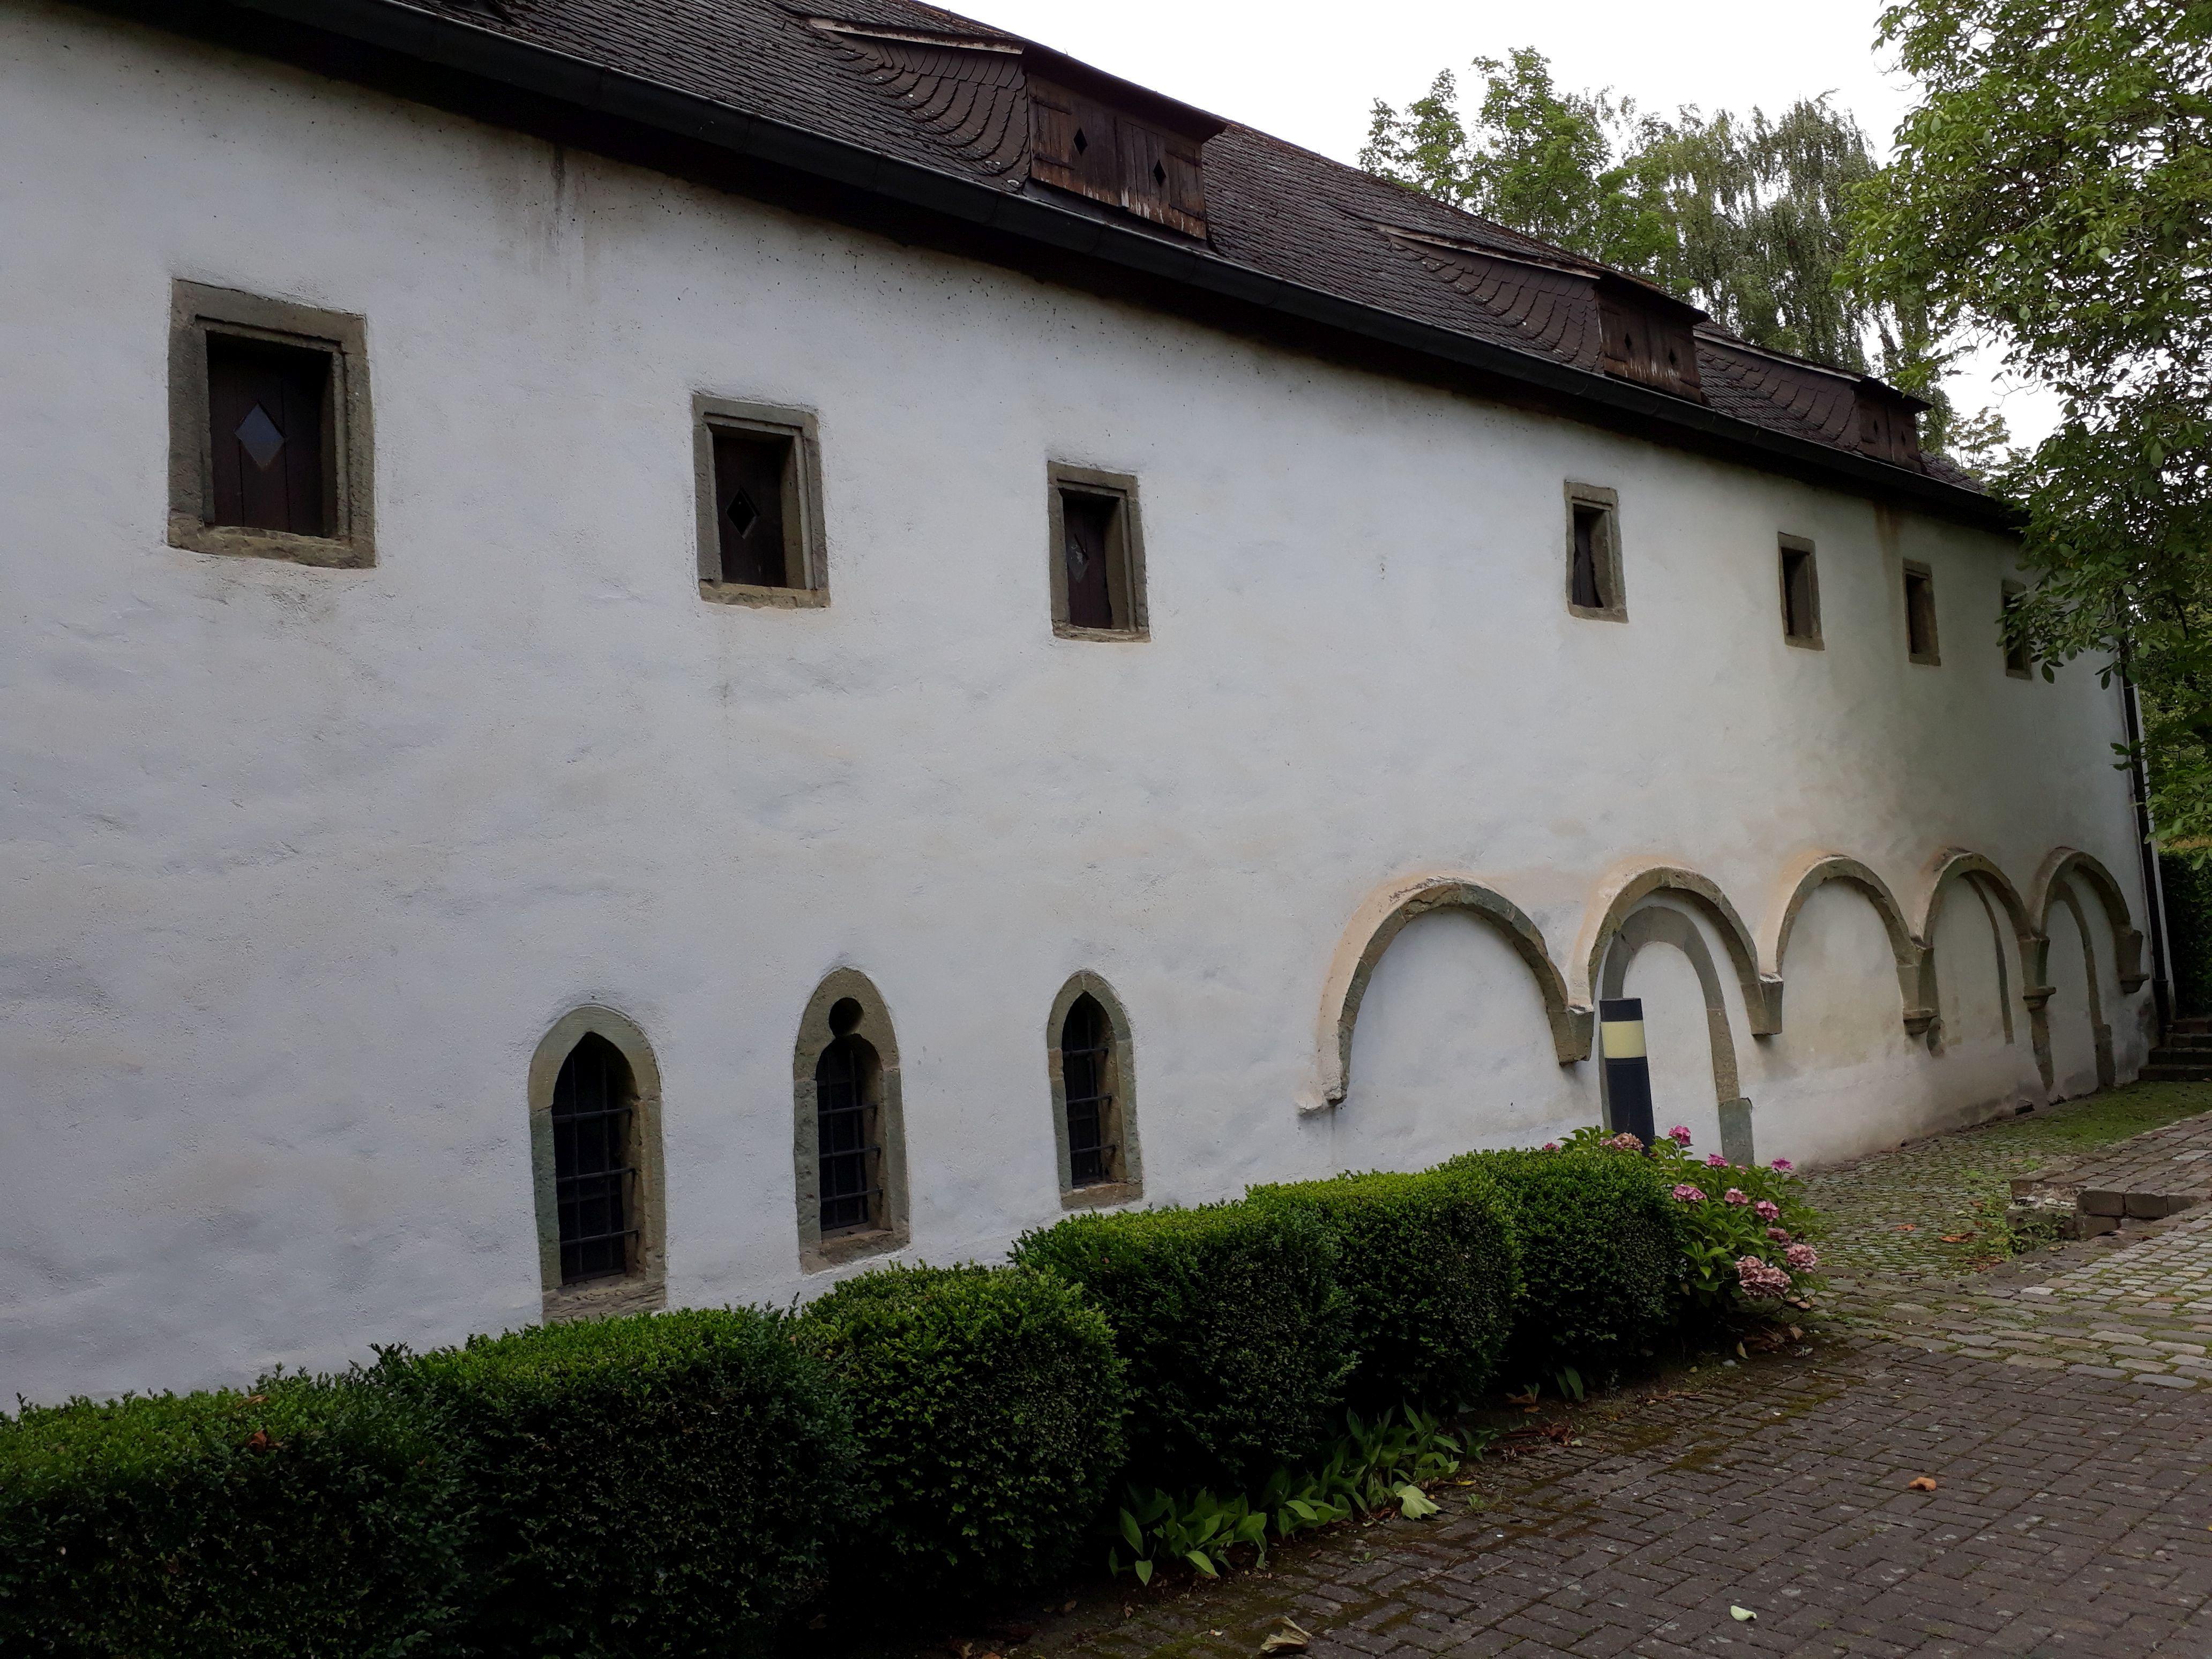 Lippstadt stiftsbezirk 2017.jpg